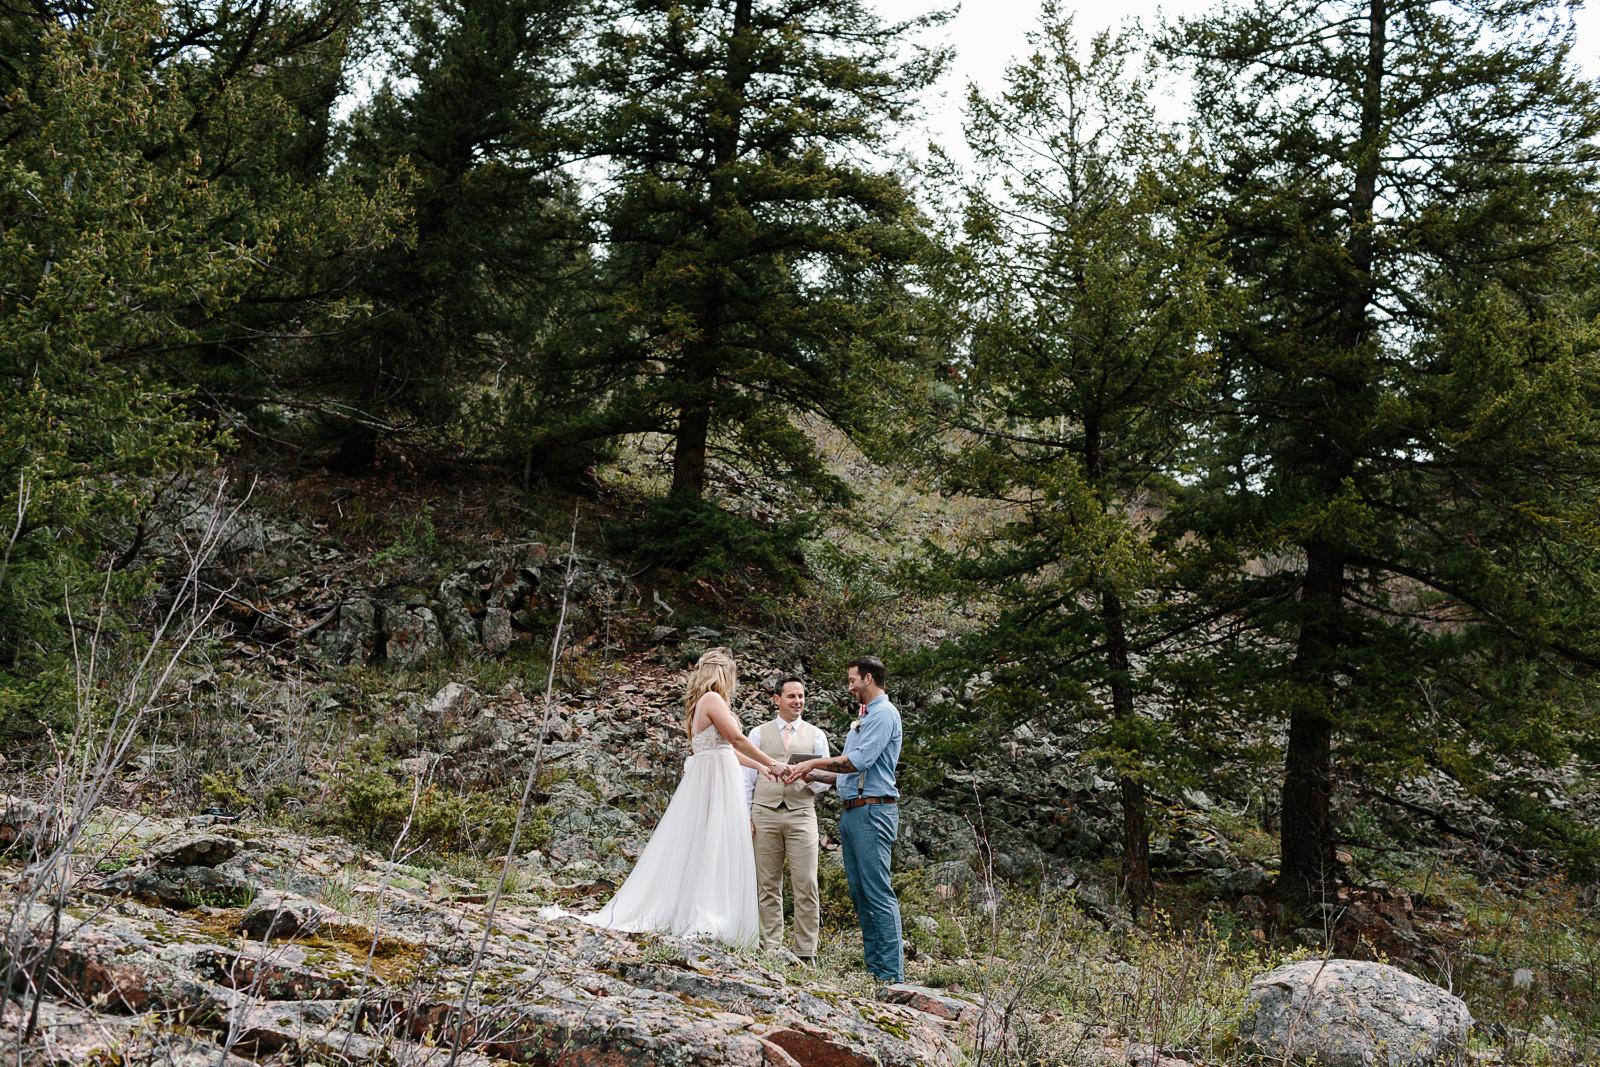 027-vail-elopement-photographer-chris-and-tara.jpg